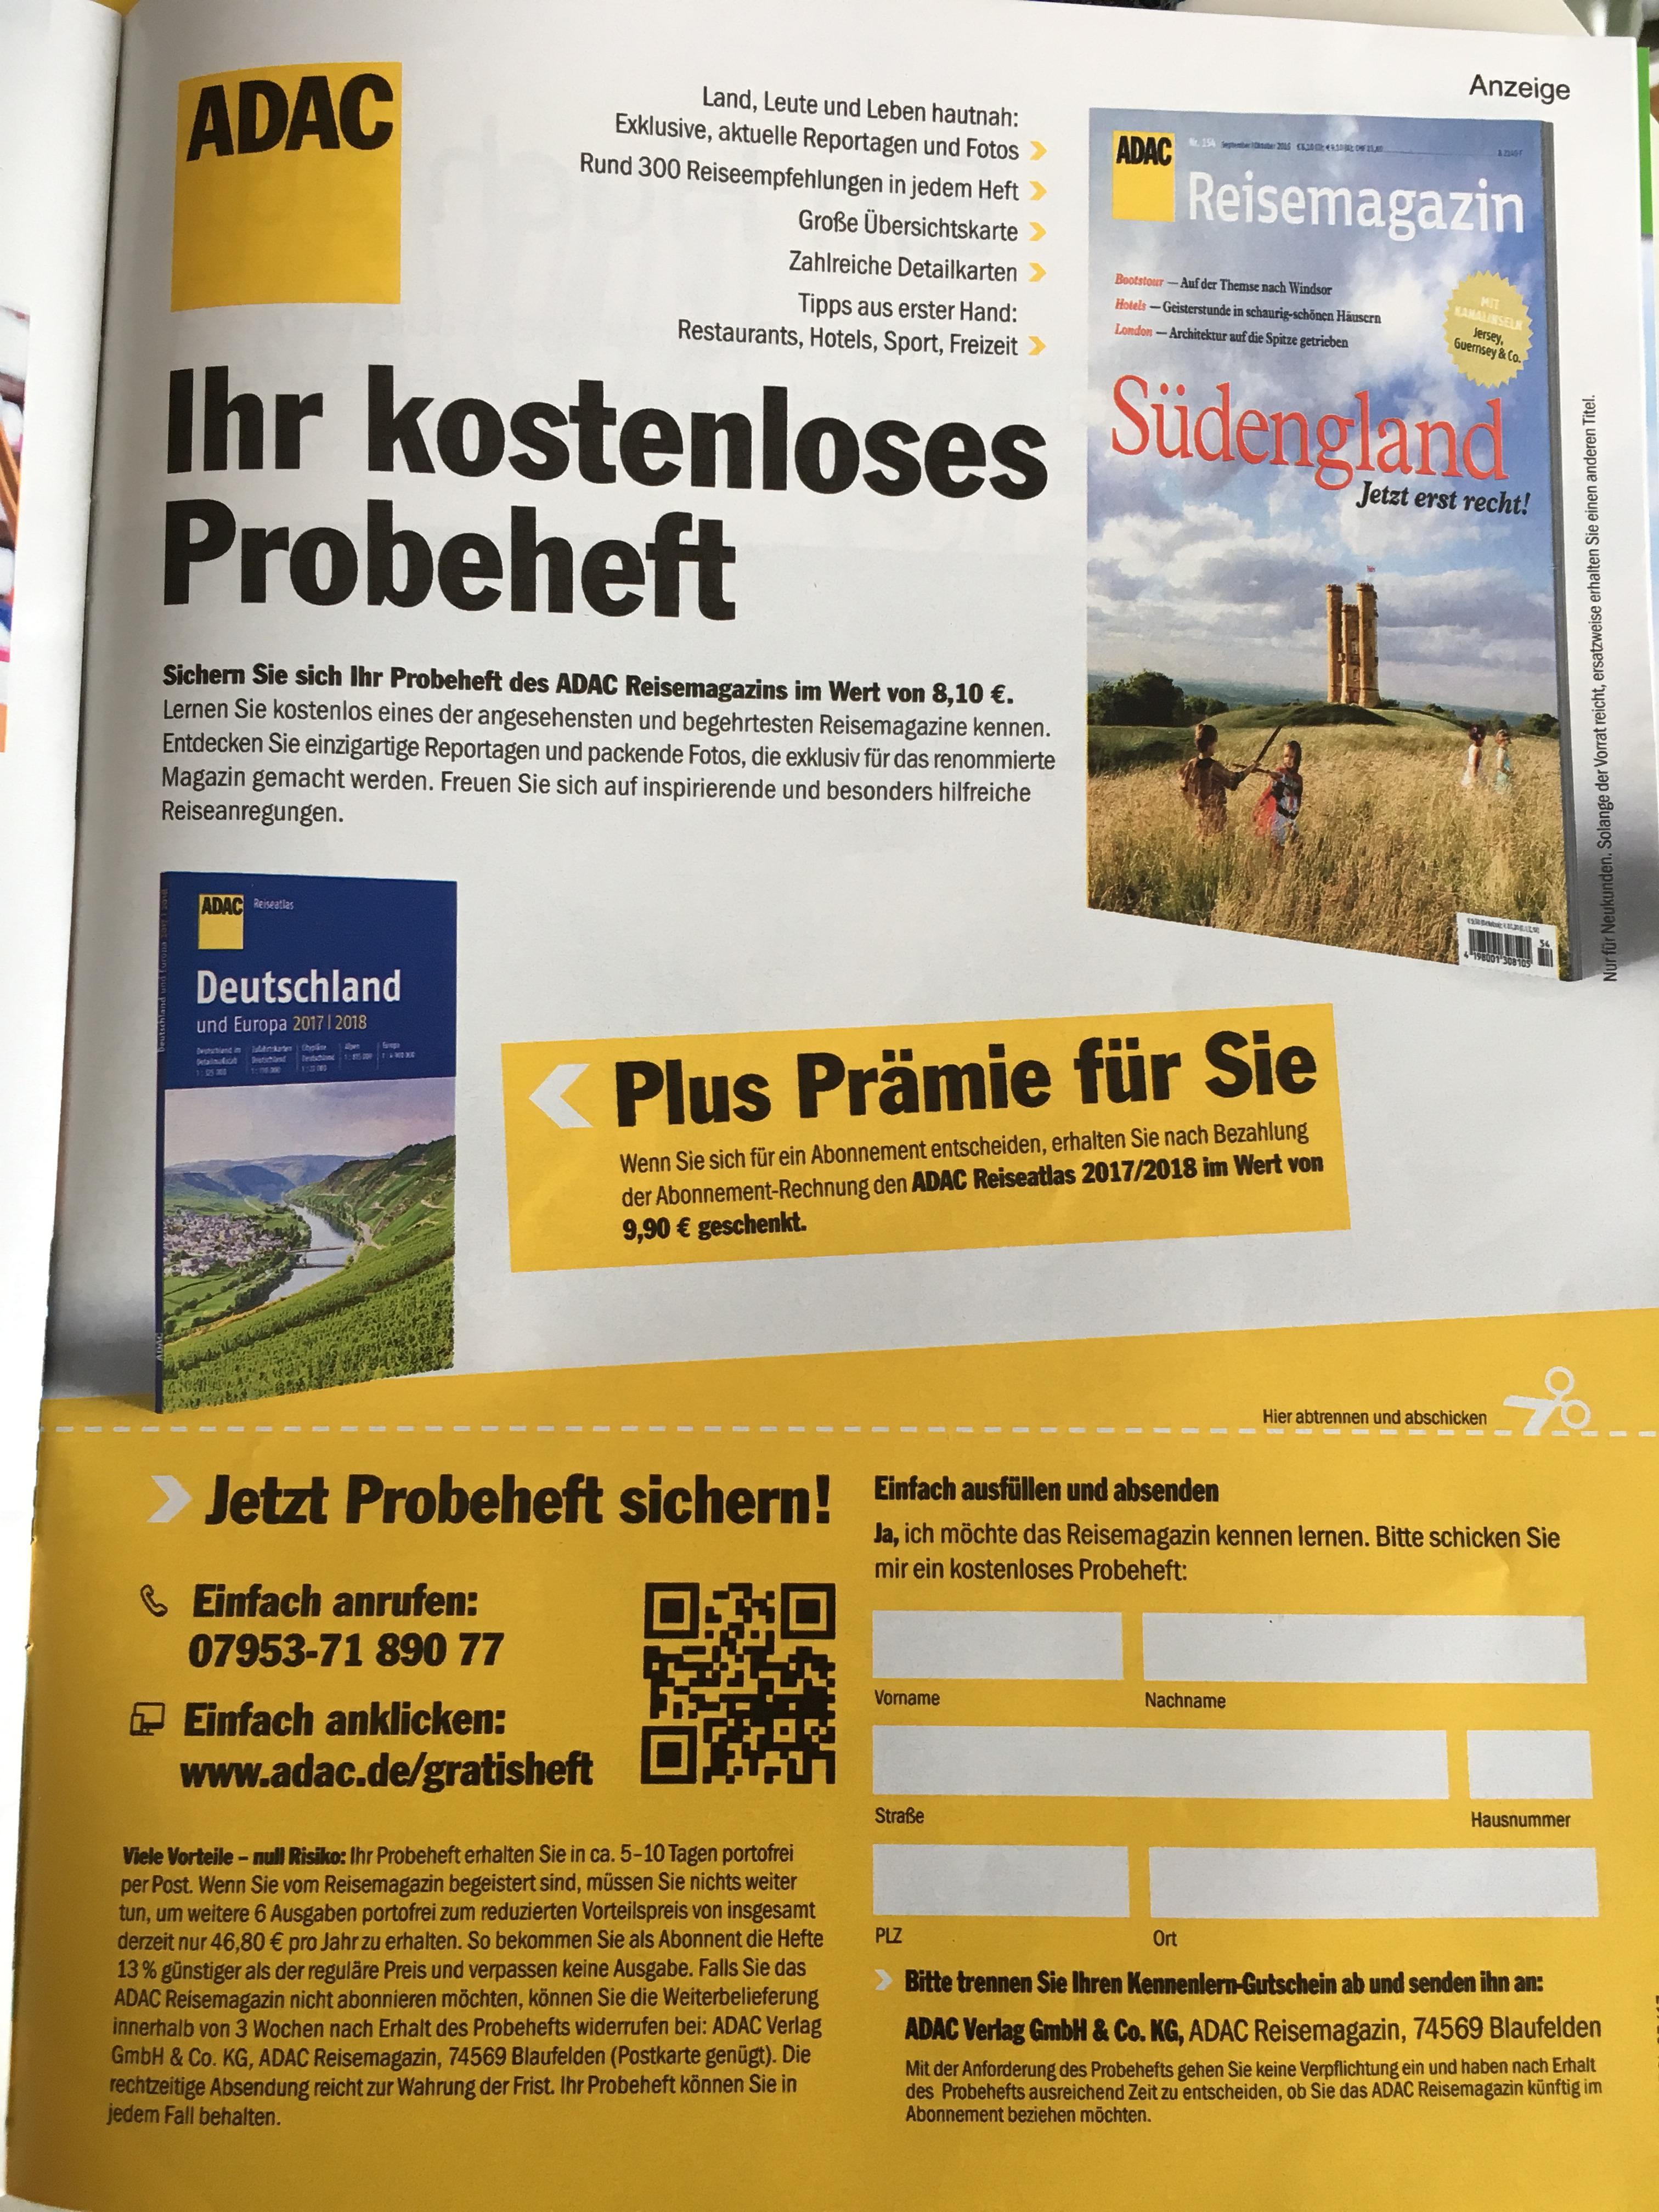 ADAC Reisemagazin Südengland gratis bestellen